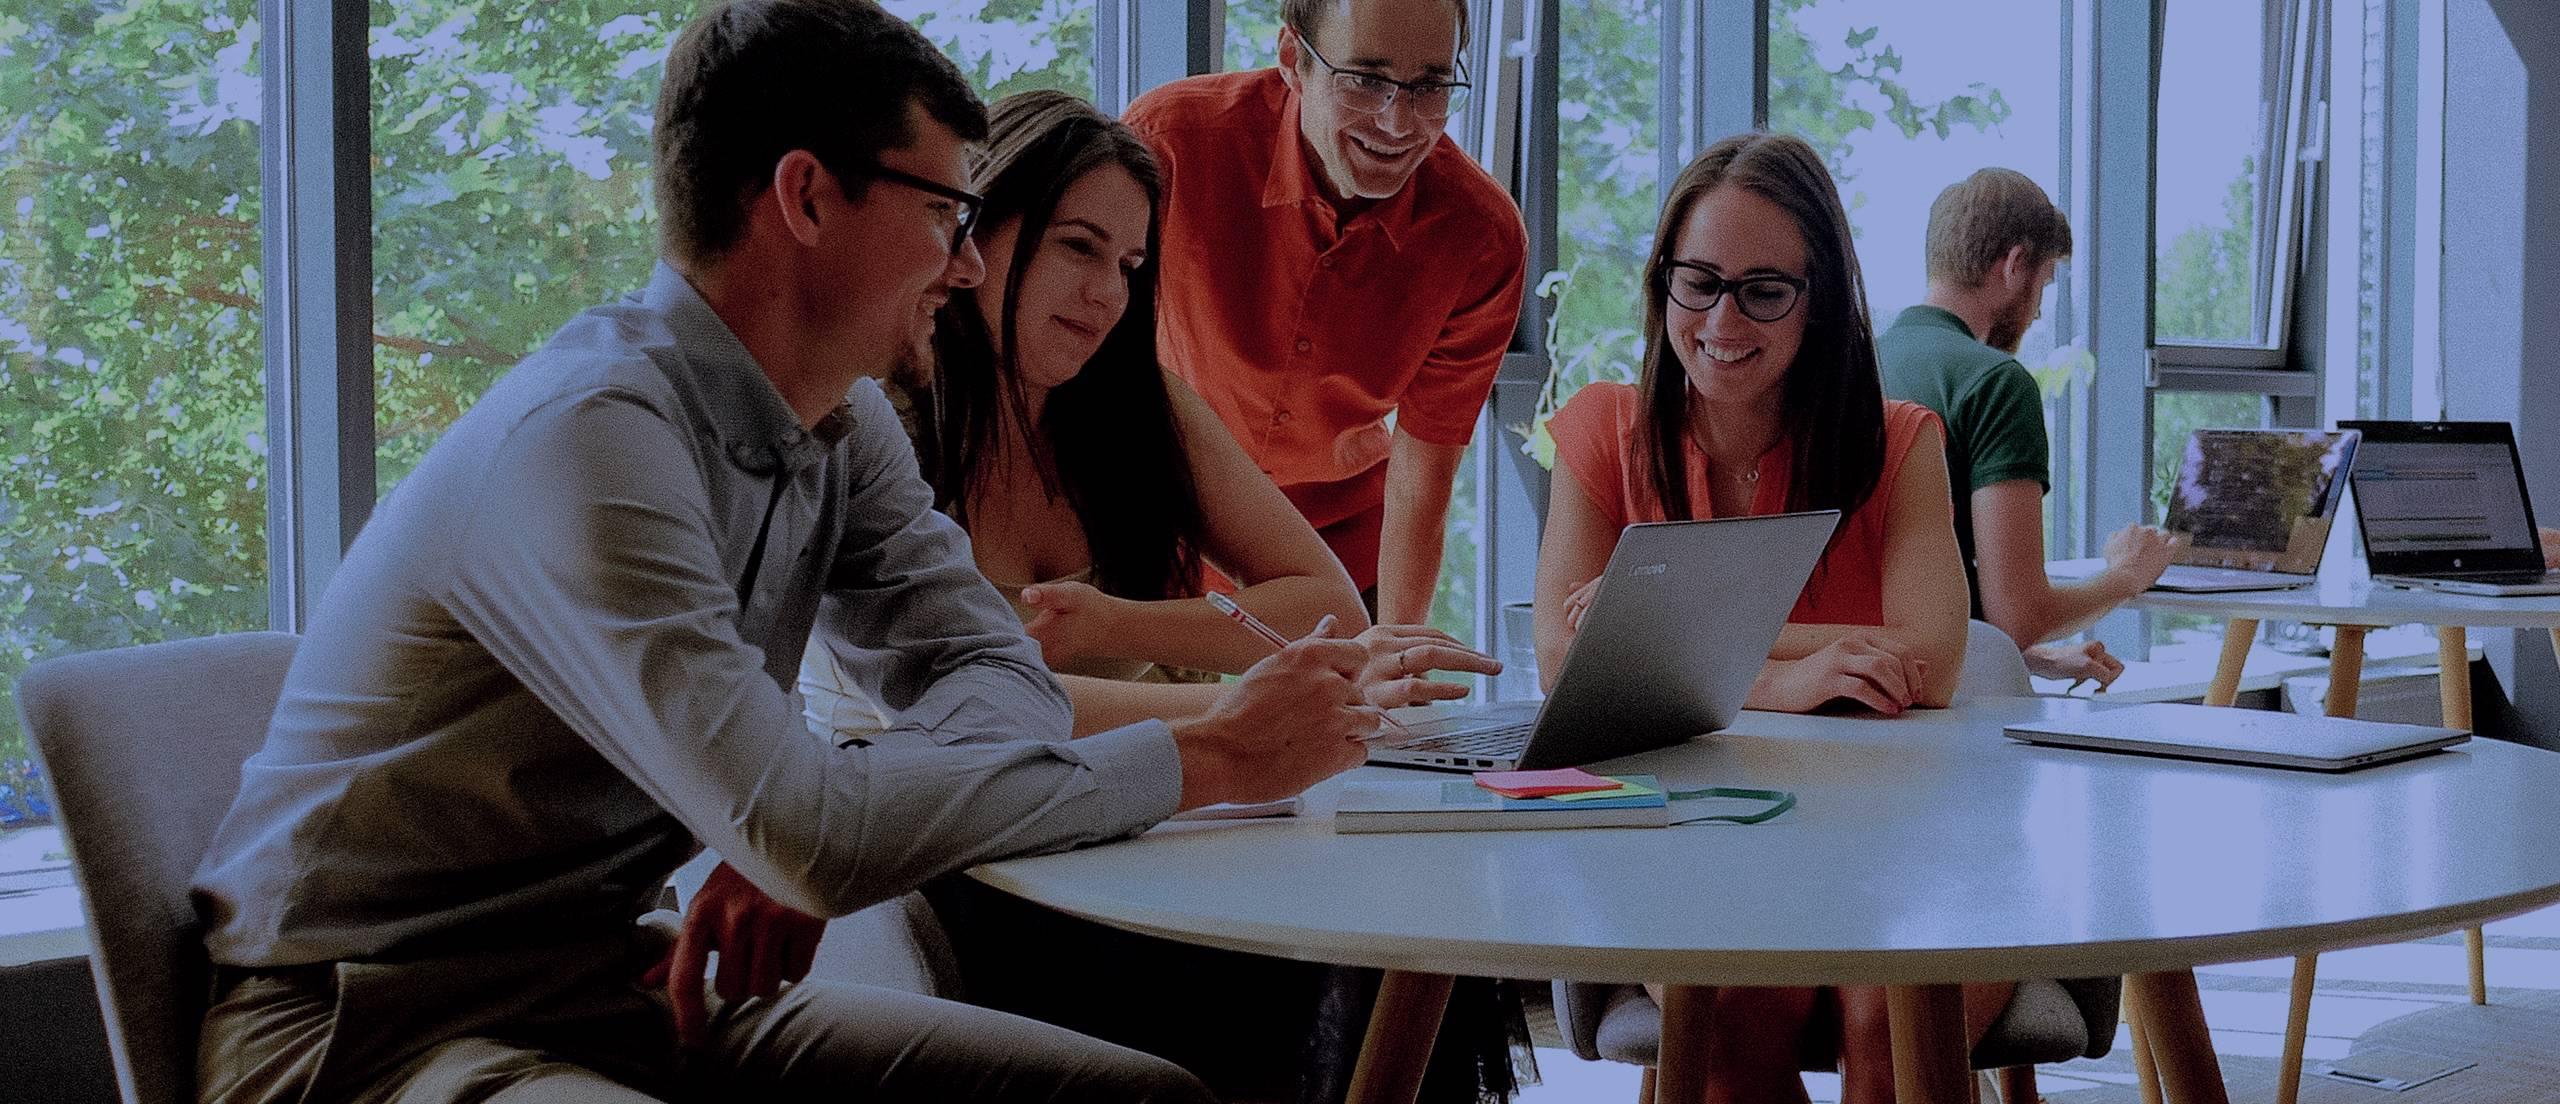 Ilustrační obrázek s textem - Jsme vývojáři, projekťáci, konzultanti, testeři, analytici, uxáci, designéři...